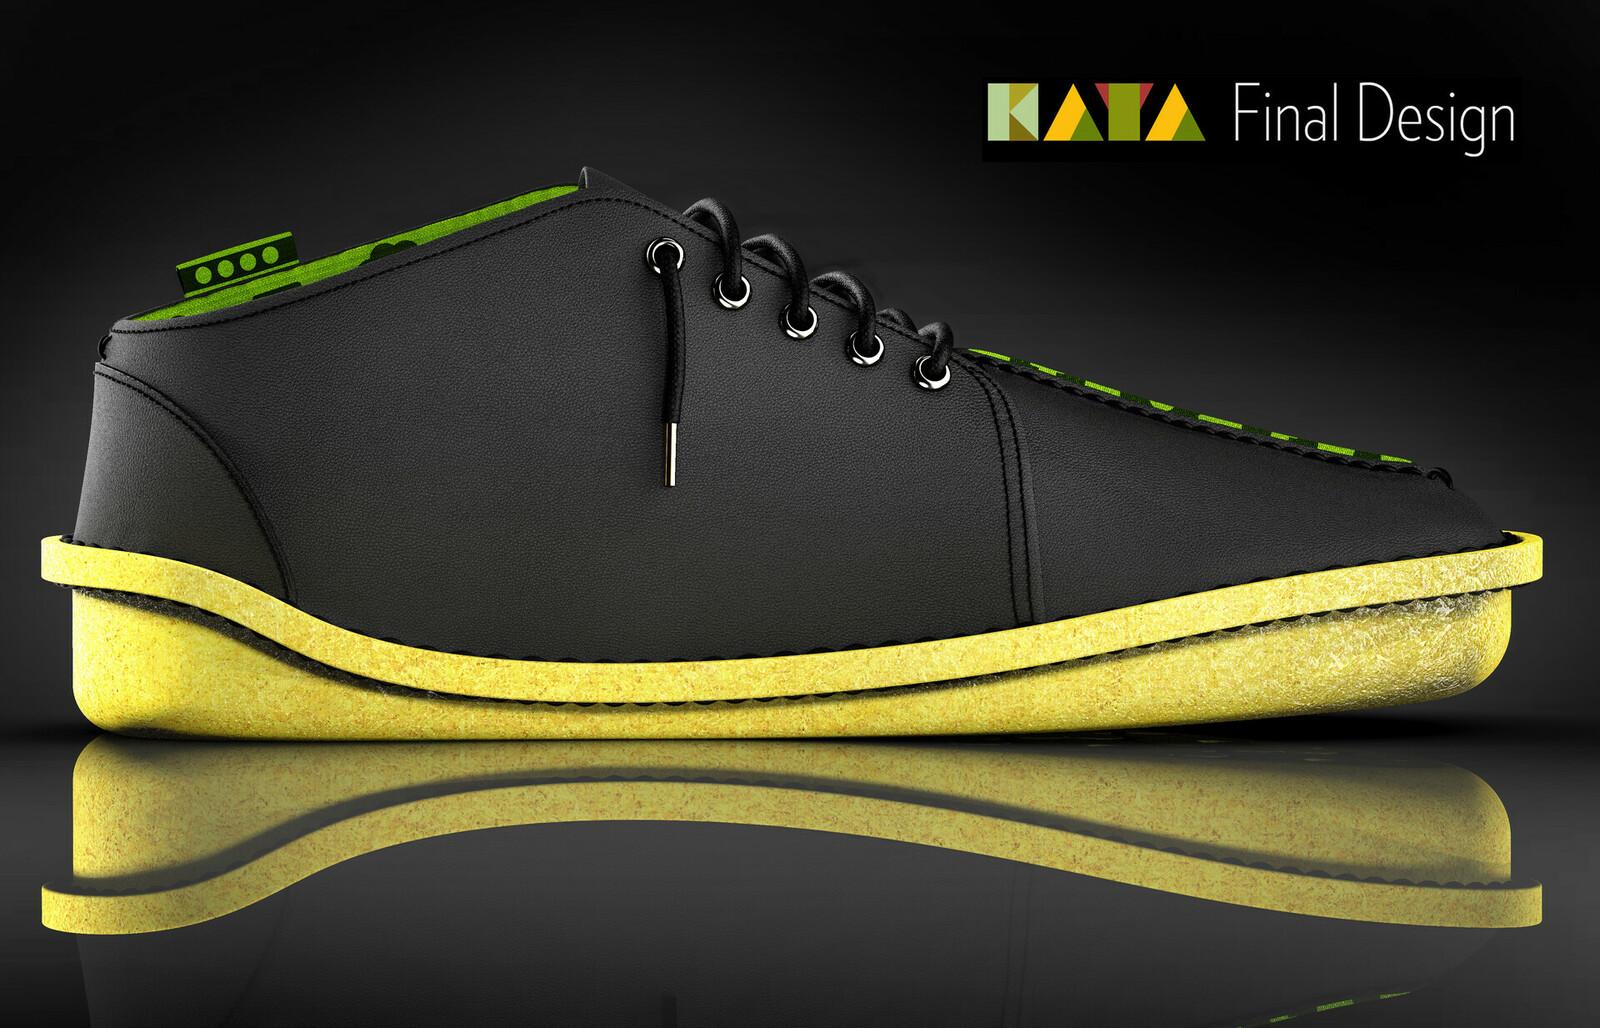 Kaya Footwear